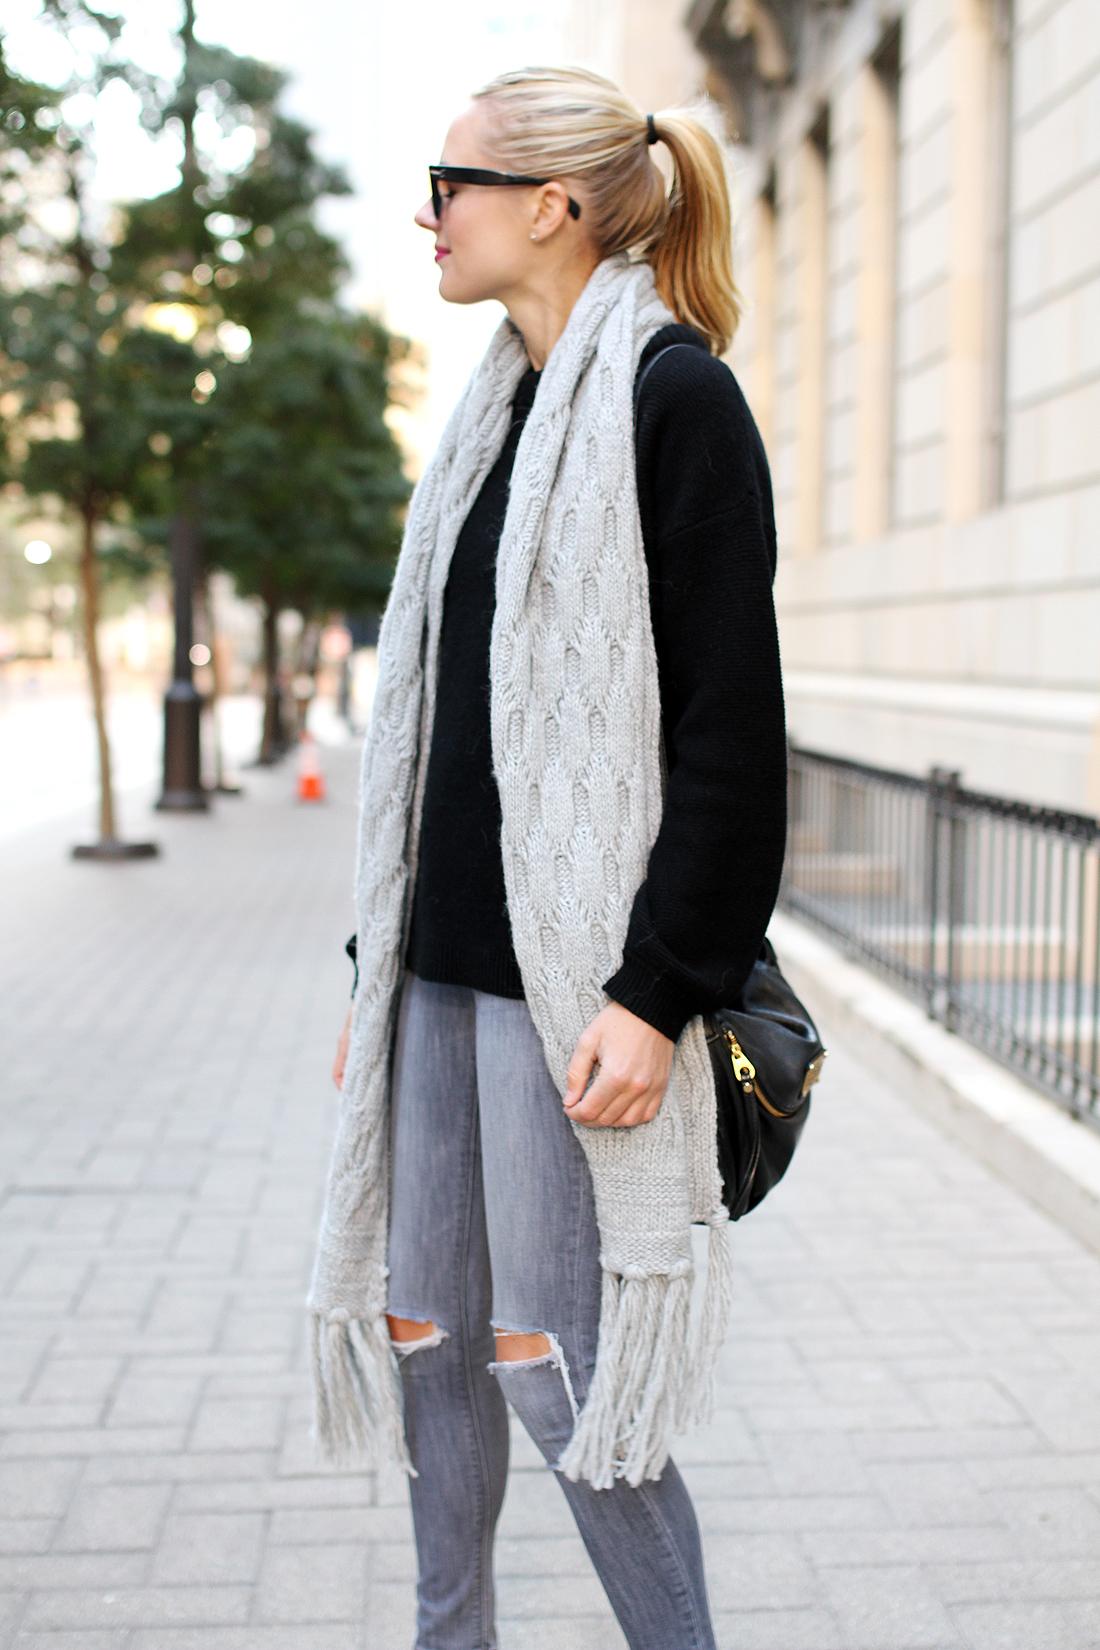 fashion-jackson-banana-republic-grey-fringe-scarf-black-oversized-sweater-grey-ripped-skinny-jeans